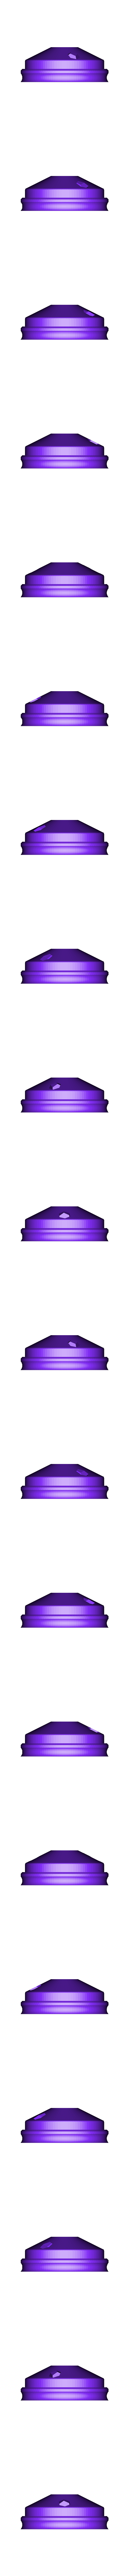 Bottom_2_copper.stl Télécharger fichier STL gratuit Lampe au kérosène version Halloween • Modèle à imprimer en 3D, poblocki1982